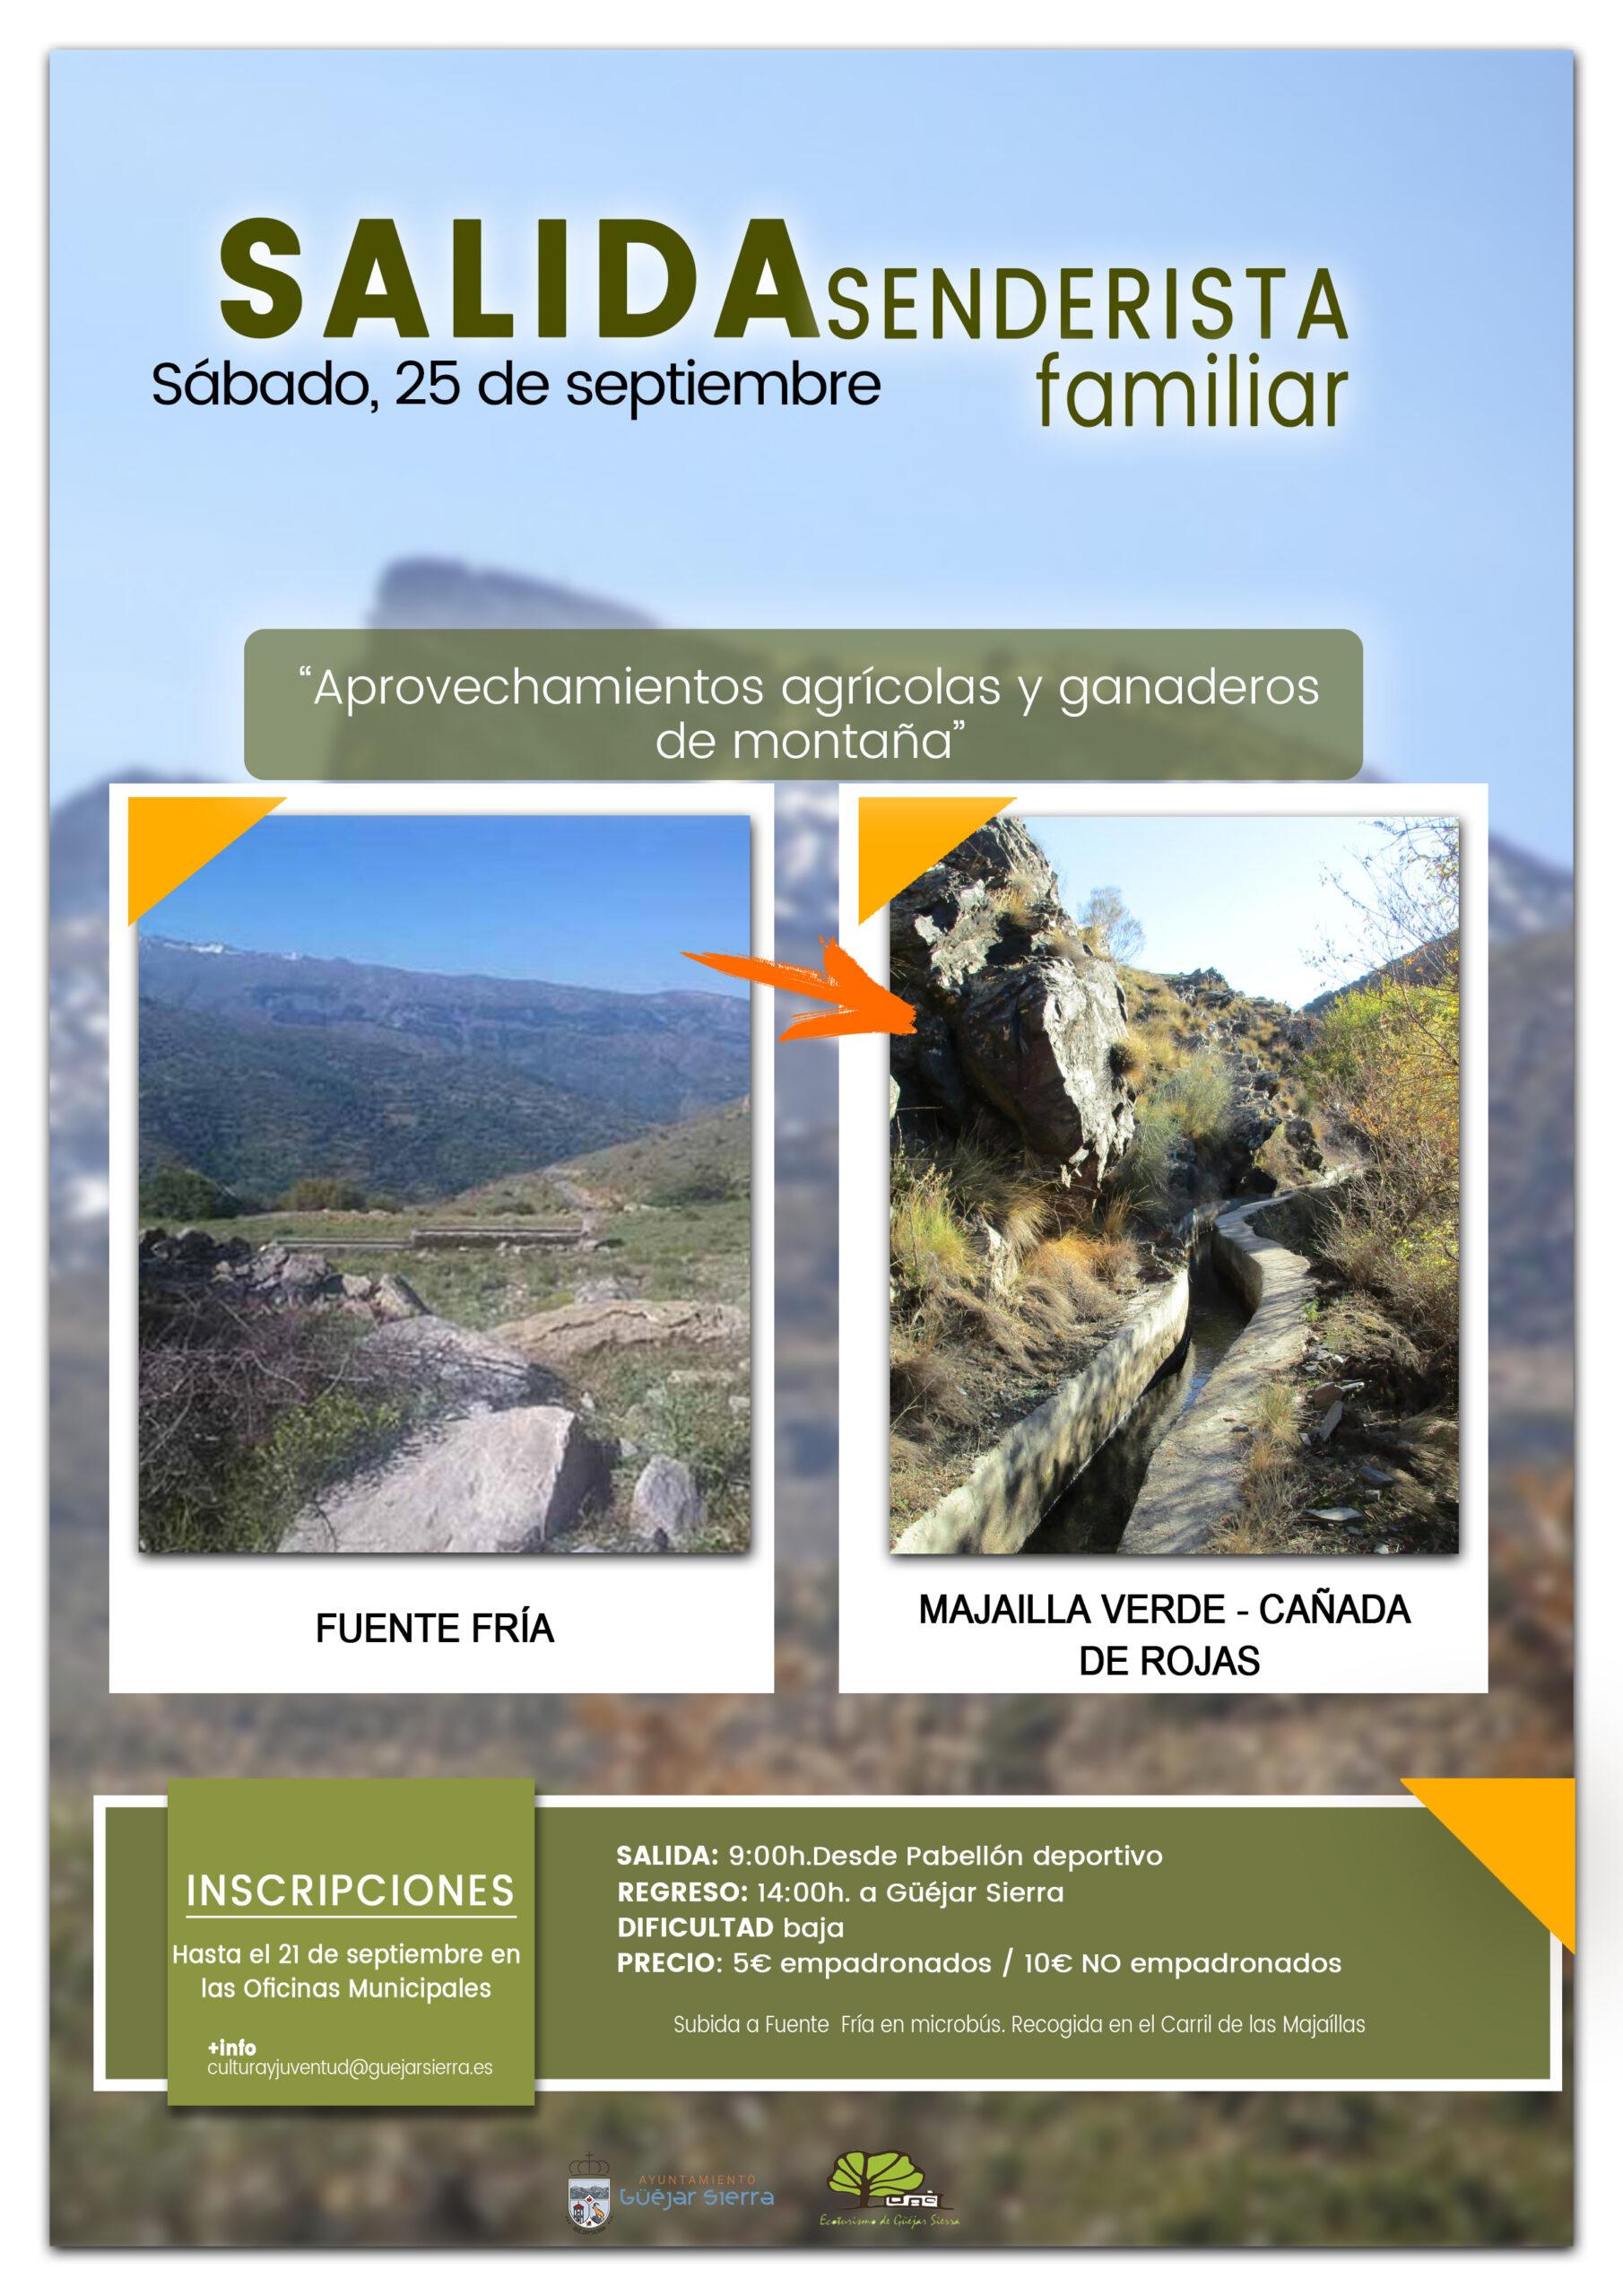 SALIDAS SENDERISTAS FAMILIARES: Aprovechamientos agrícolas y ganaderos de montaña.